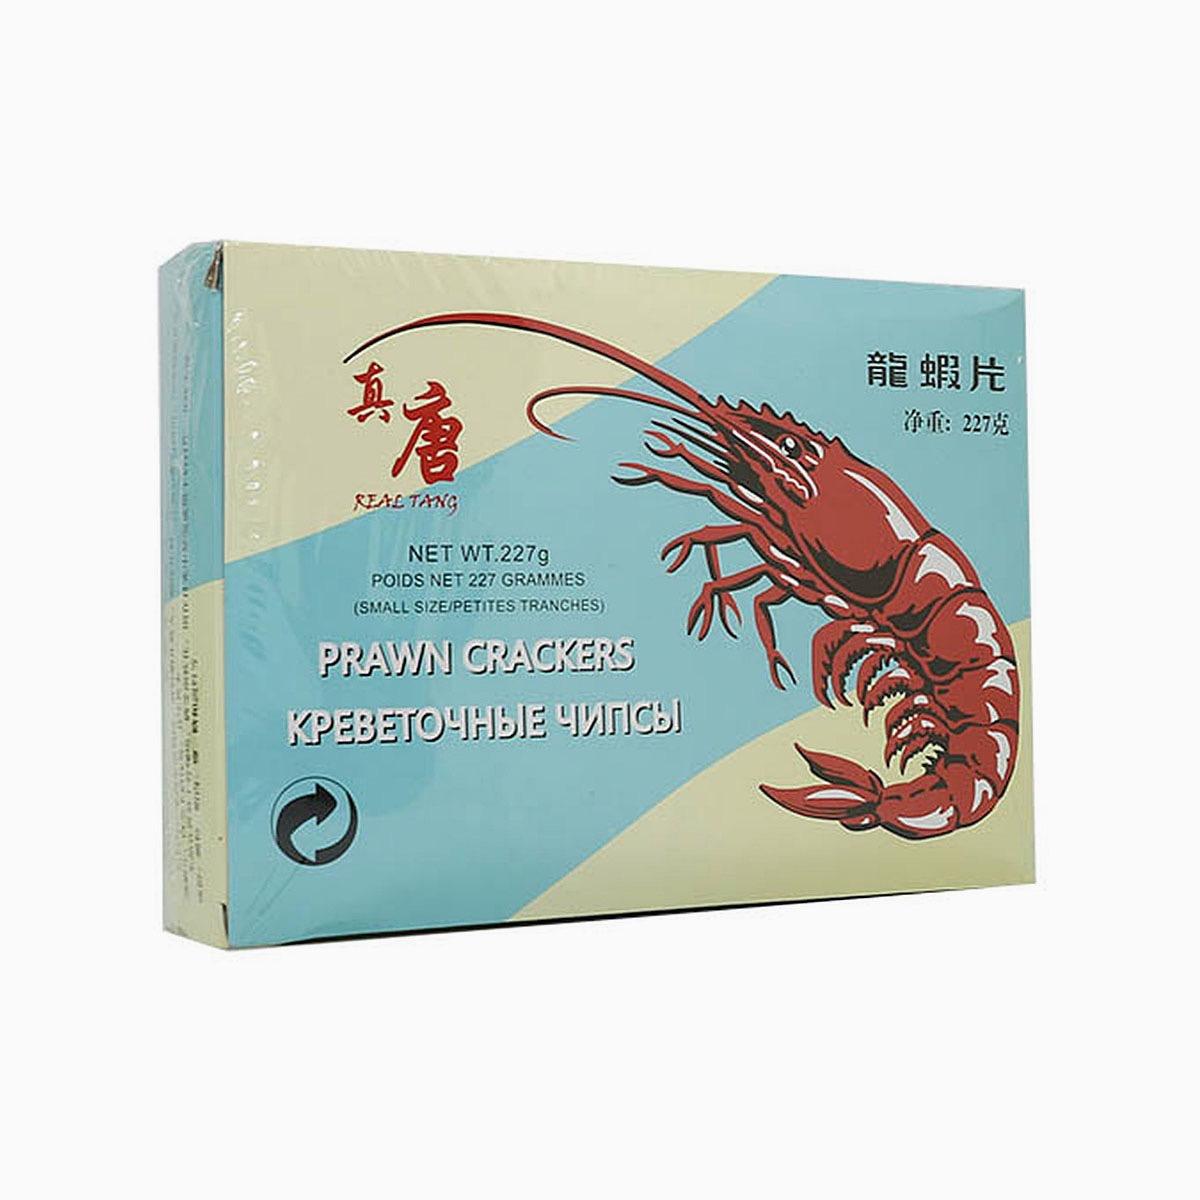 Креветочные чипсы (полуфабрикат для обжарки) Real tang, 227 г.